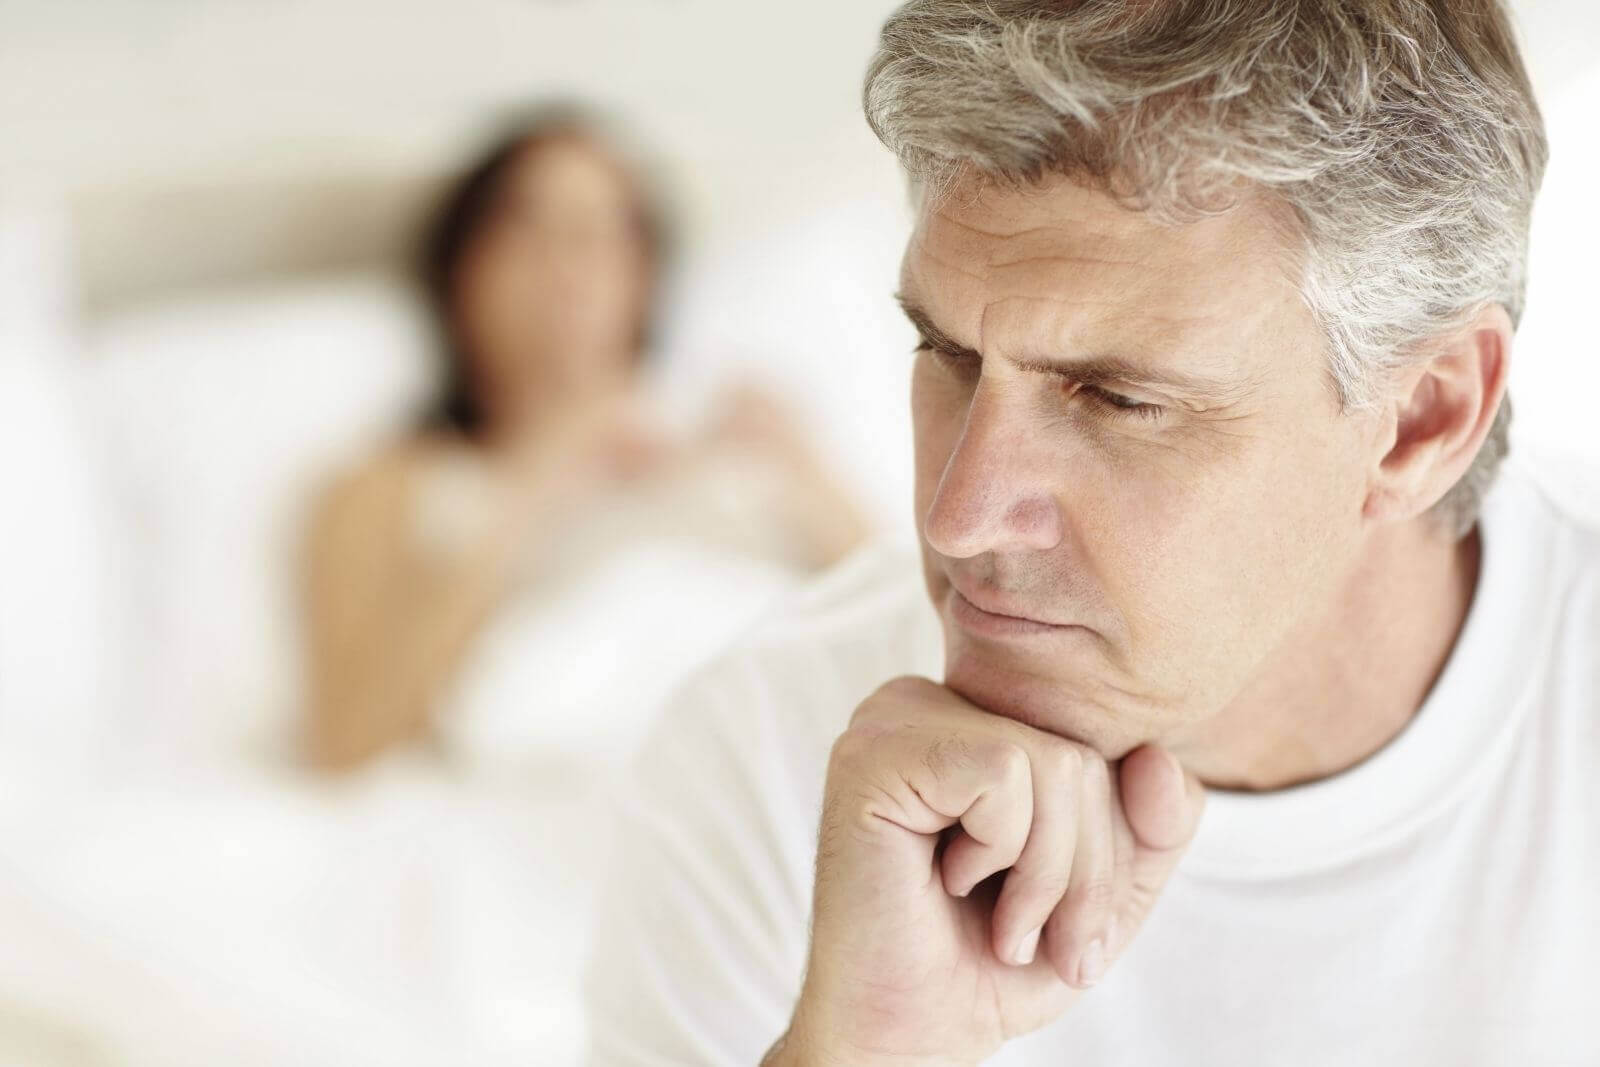 Аденома предстательной железы: симптомы, диагностика, современные методы лечения